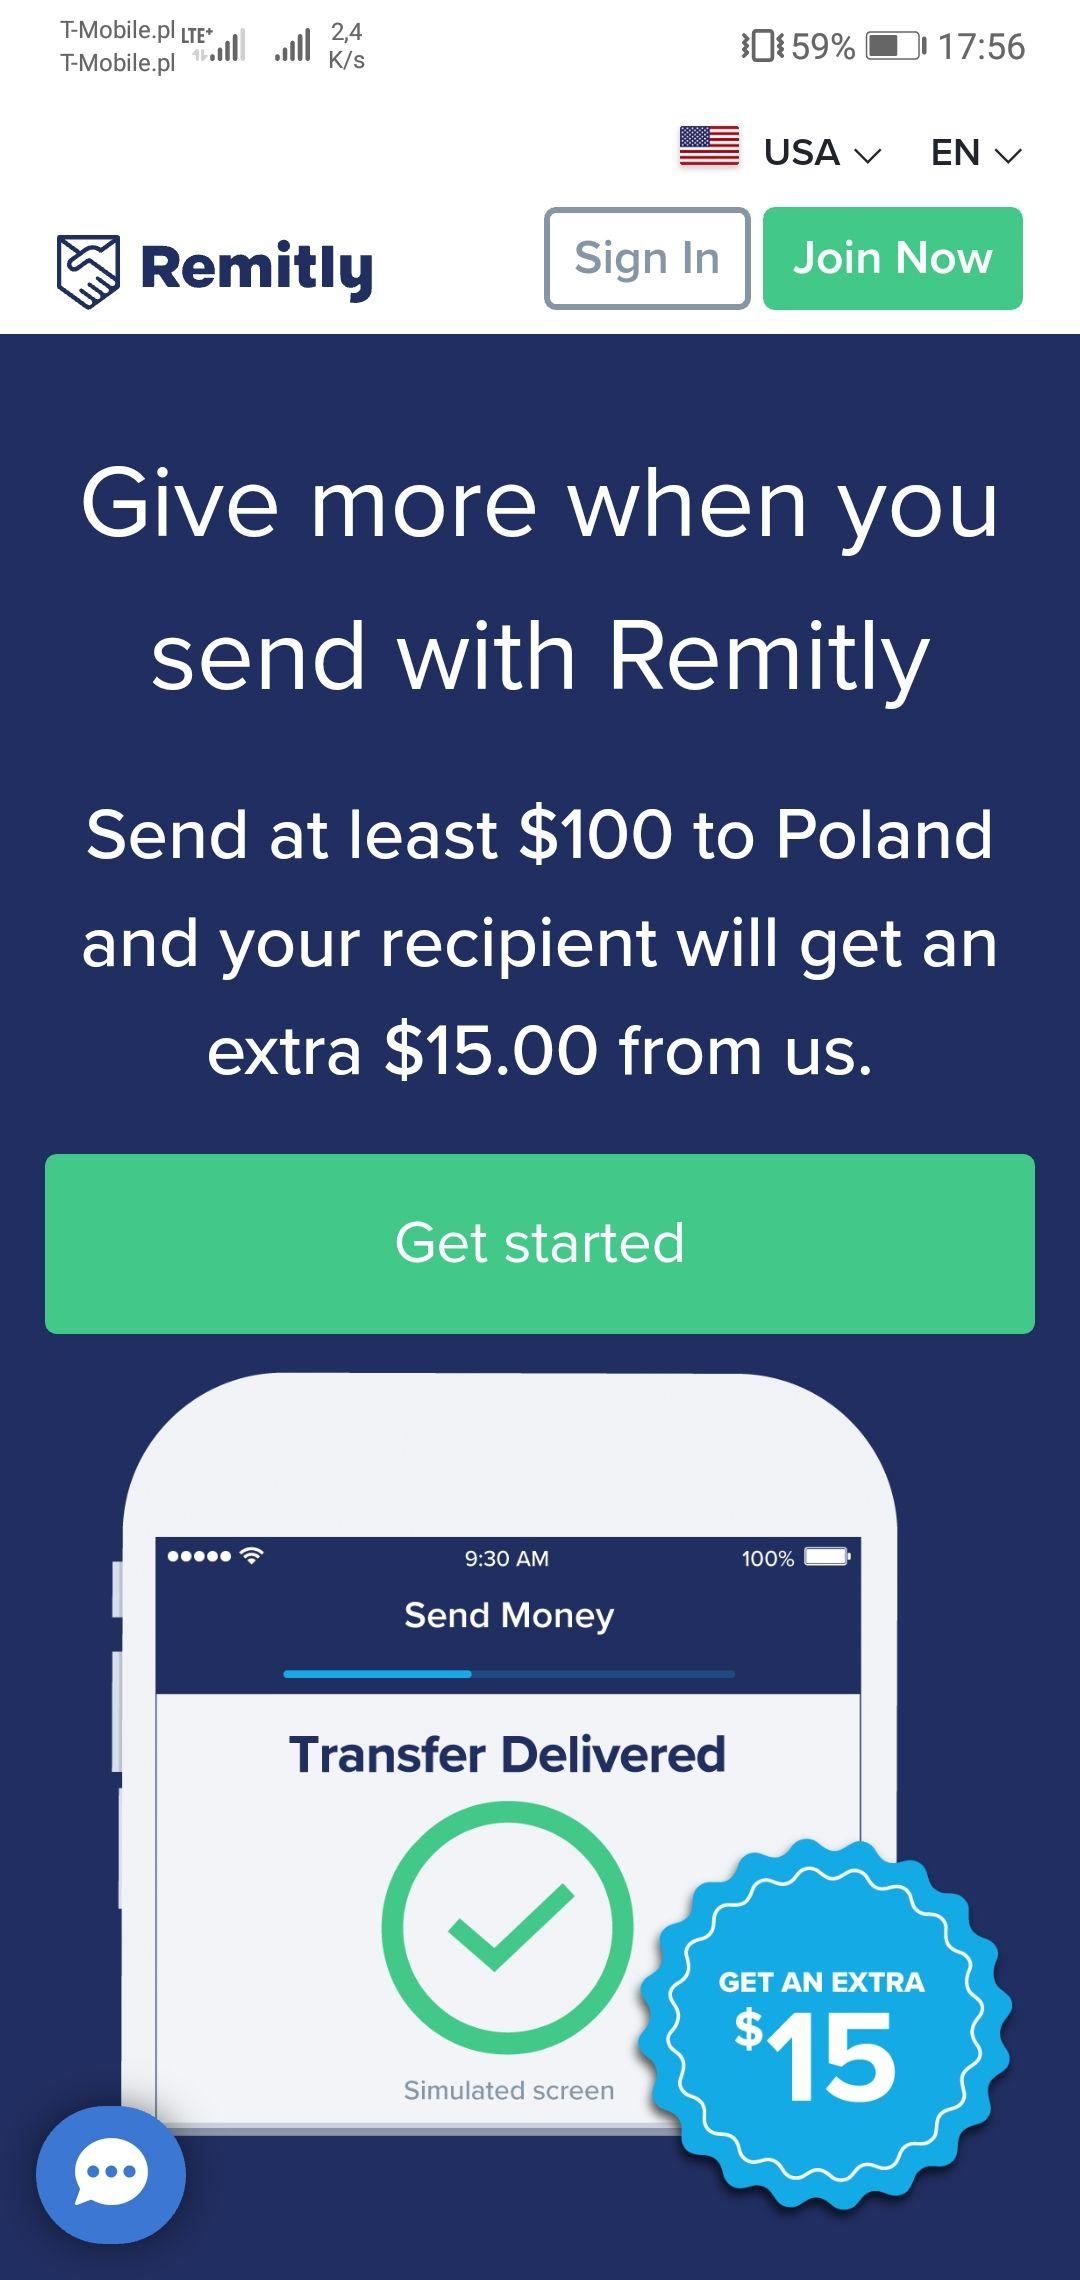 Darmowe 15$ za założenie konta w aplikacji Remitly